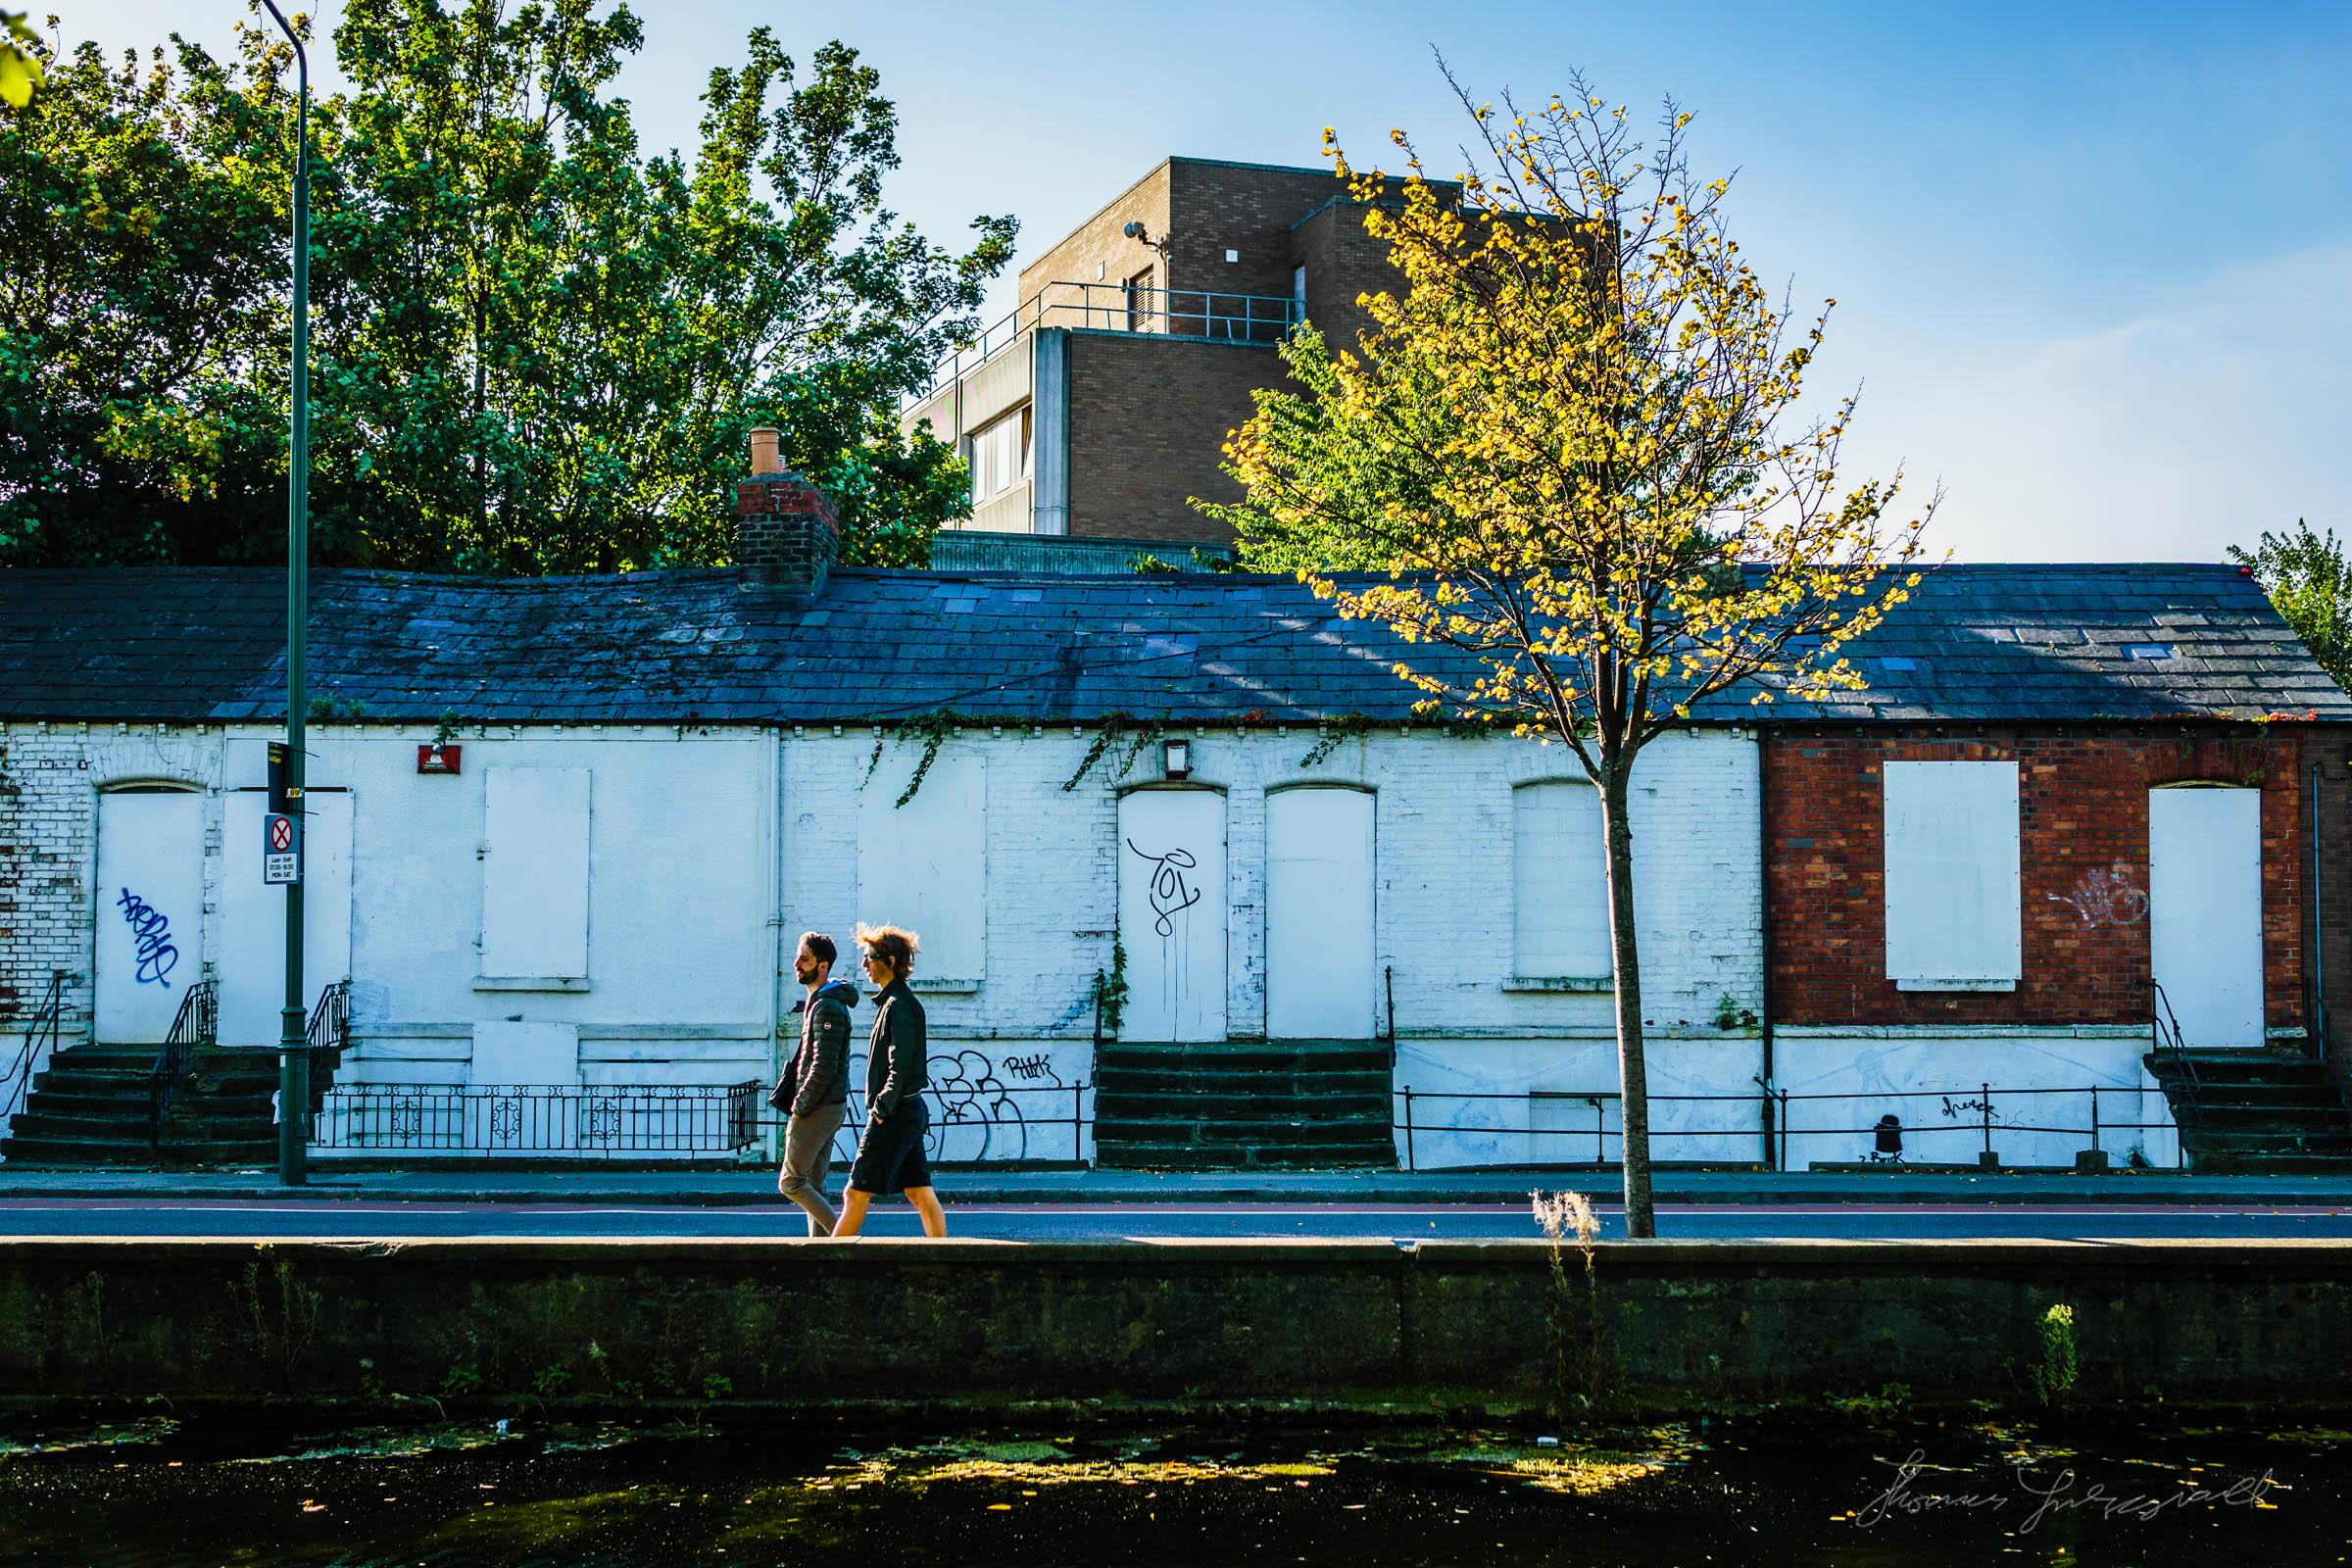 Autumn-Dublin-Sony-A6000-07.jpg